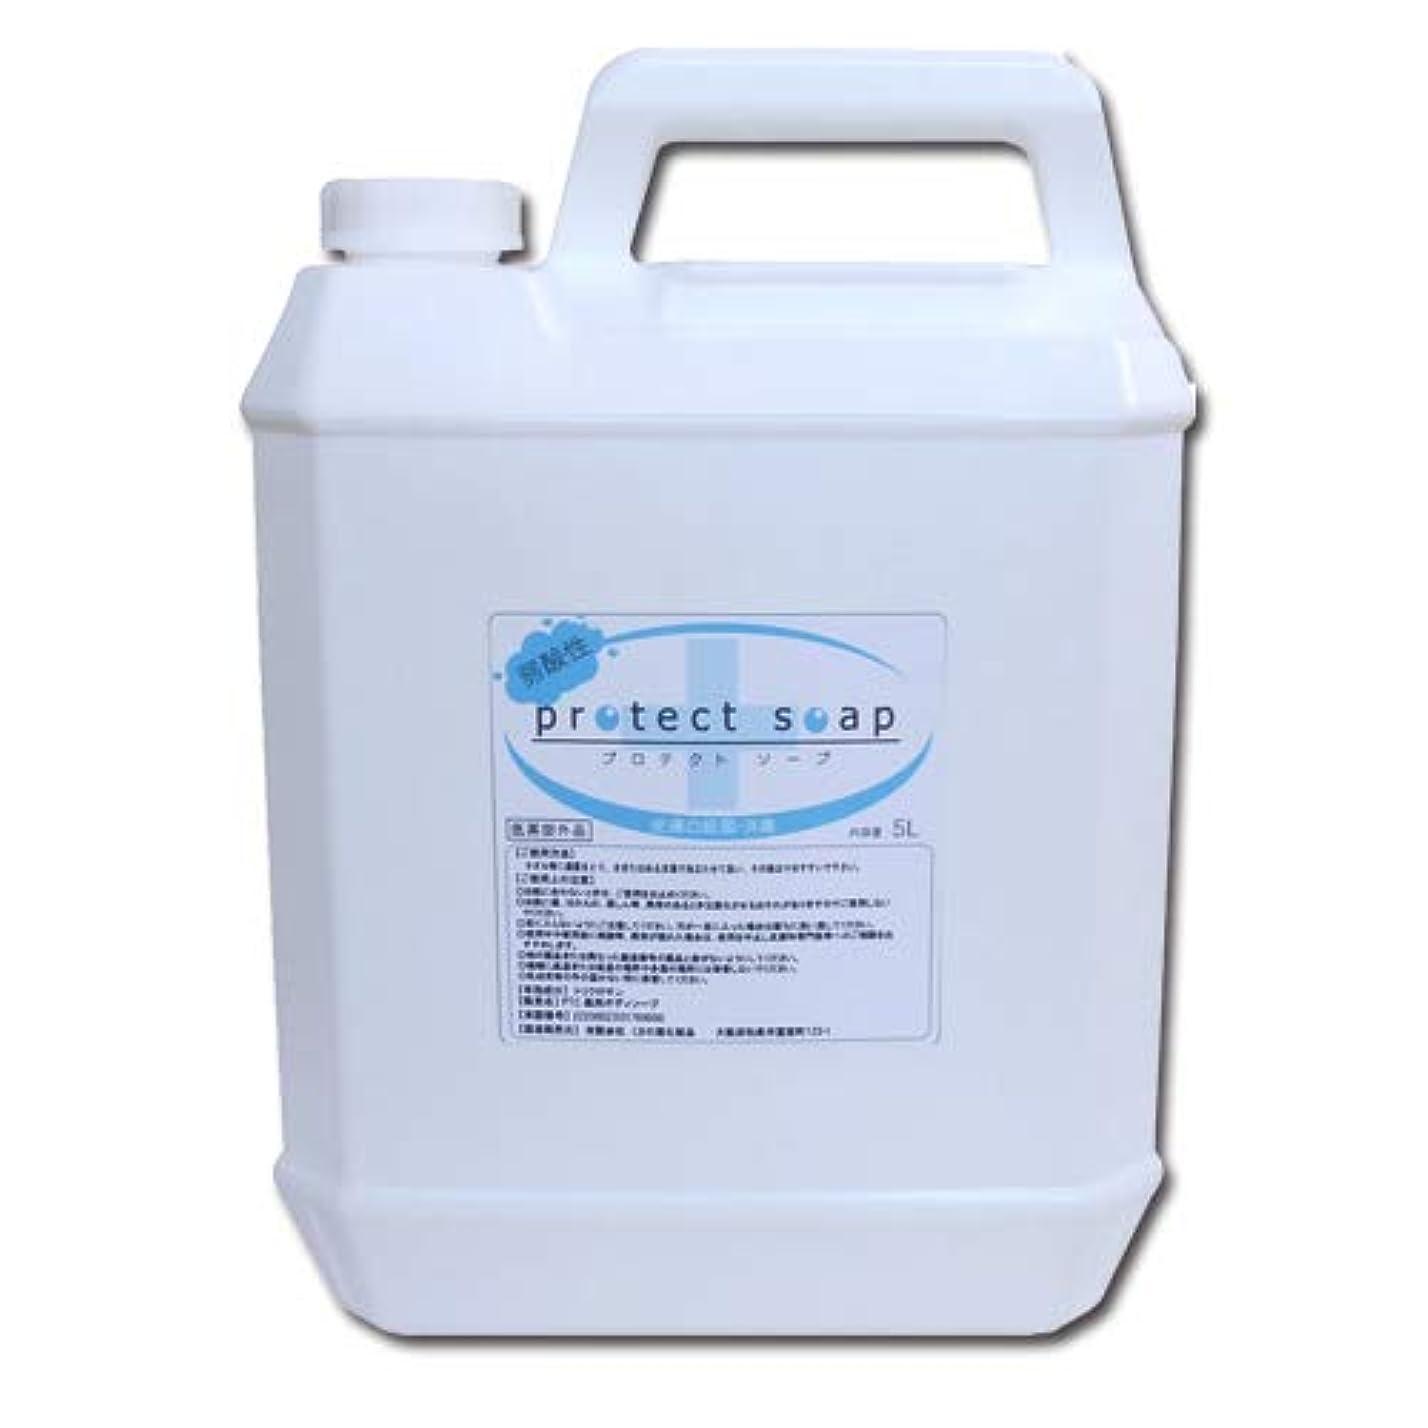 荒らすスイス人体低刺激弱酸性 液体石鹸 プロテクトソープ 5L 業務用│せっけん液 液体せっけん 殺菌?消毒 インフルエンザ?ノロウィルス対策